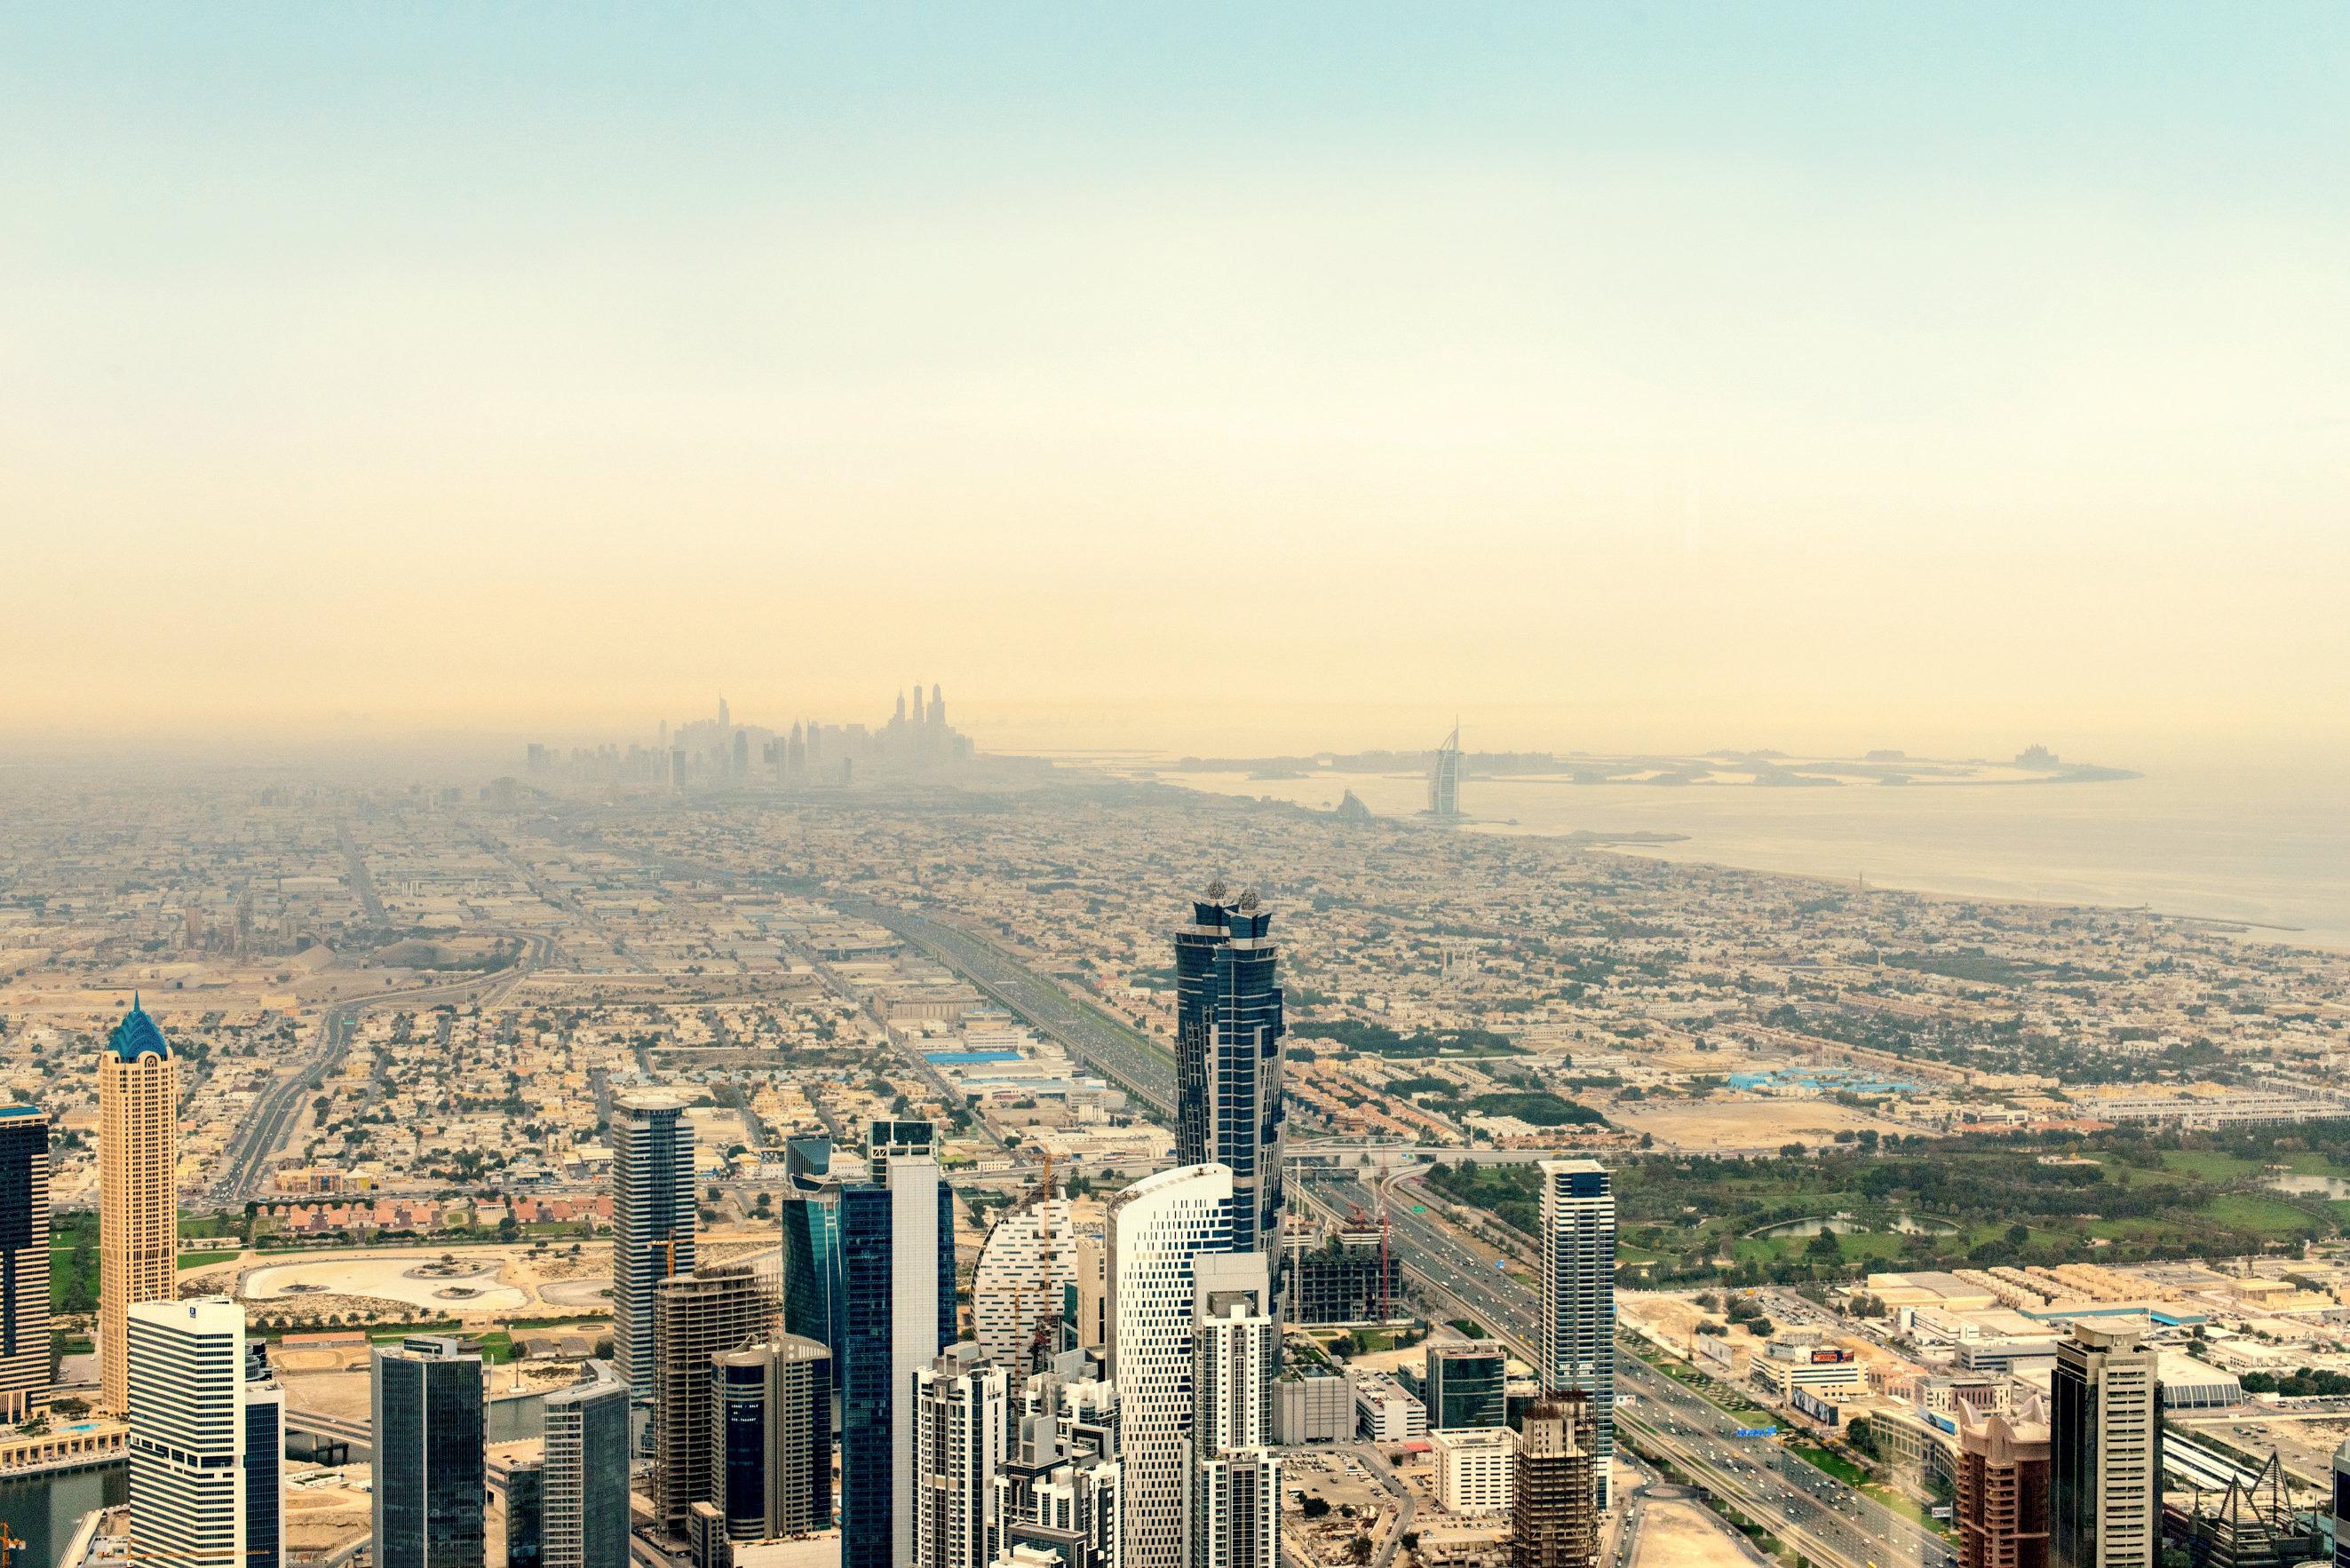 Arabisk datingside Dubai